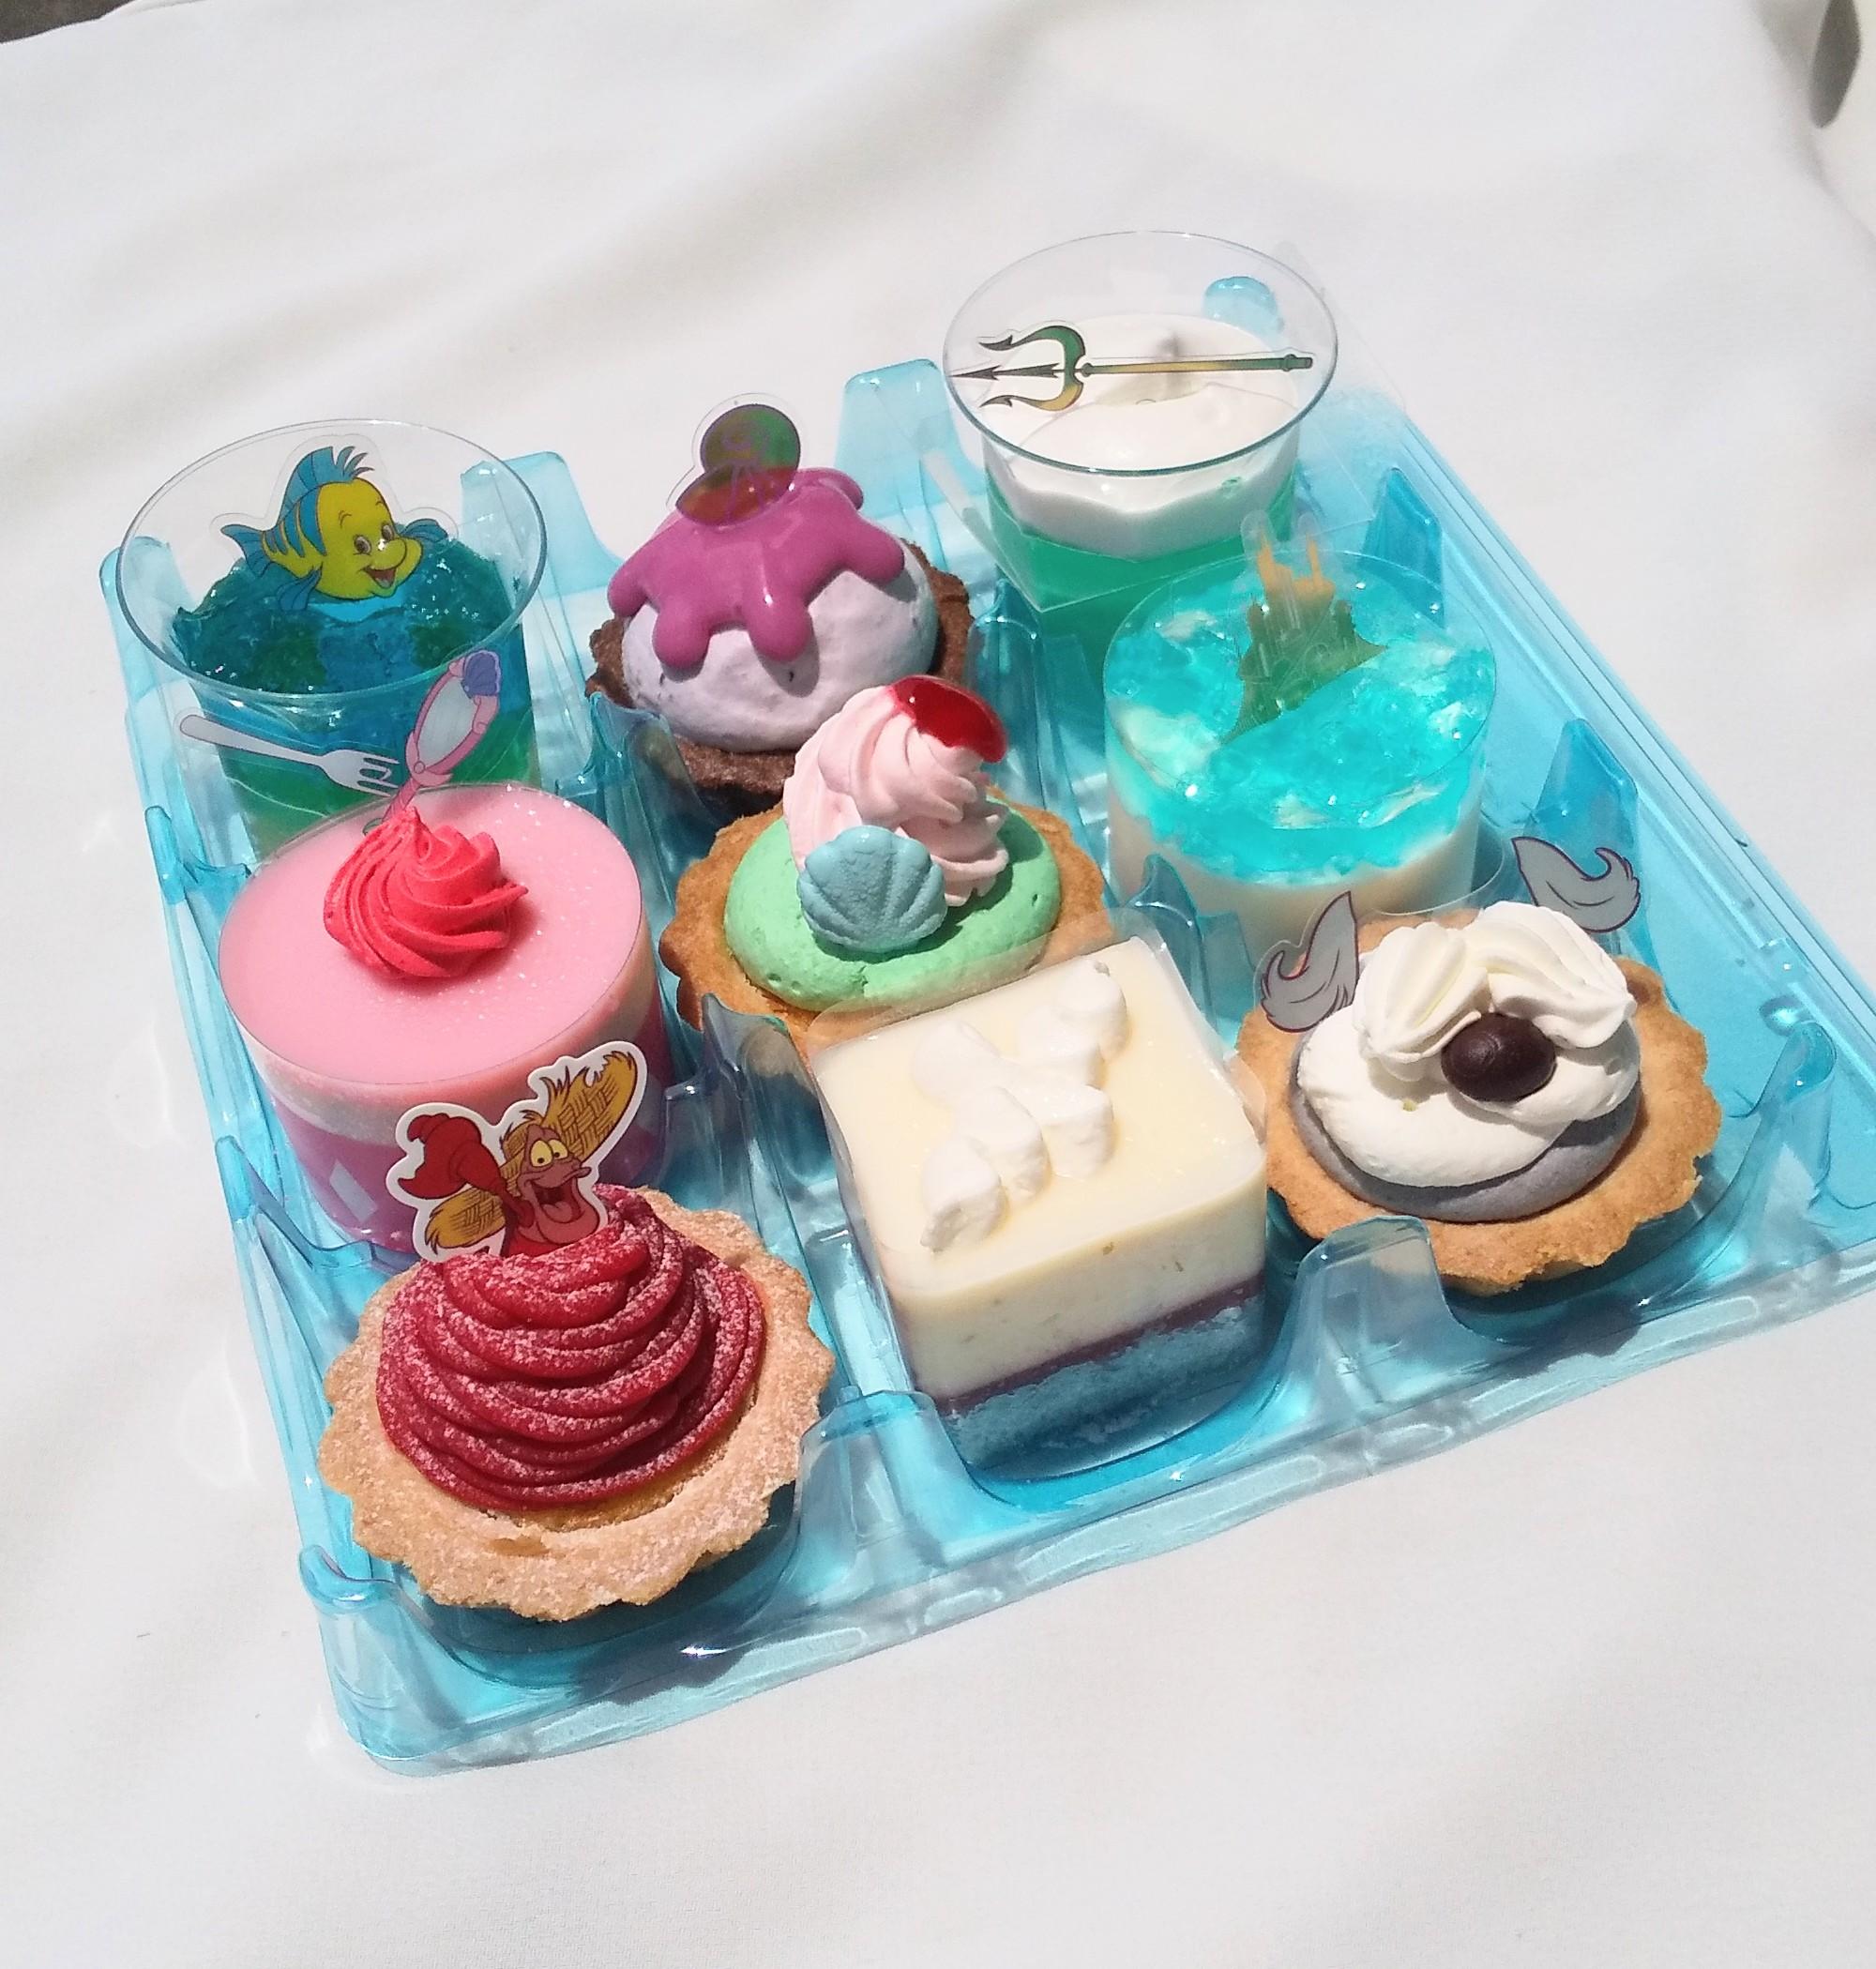 【6/11発売】きゅんきゅん!コージーコーナーから可愛すぎるアリエルのケーキが発売!!!_5